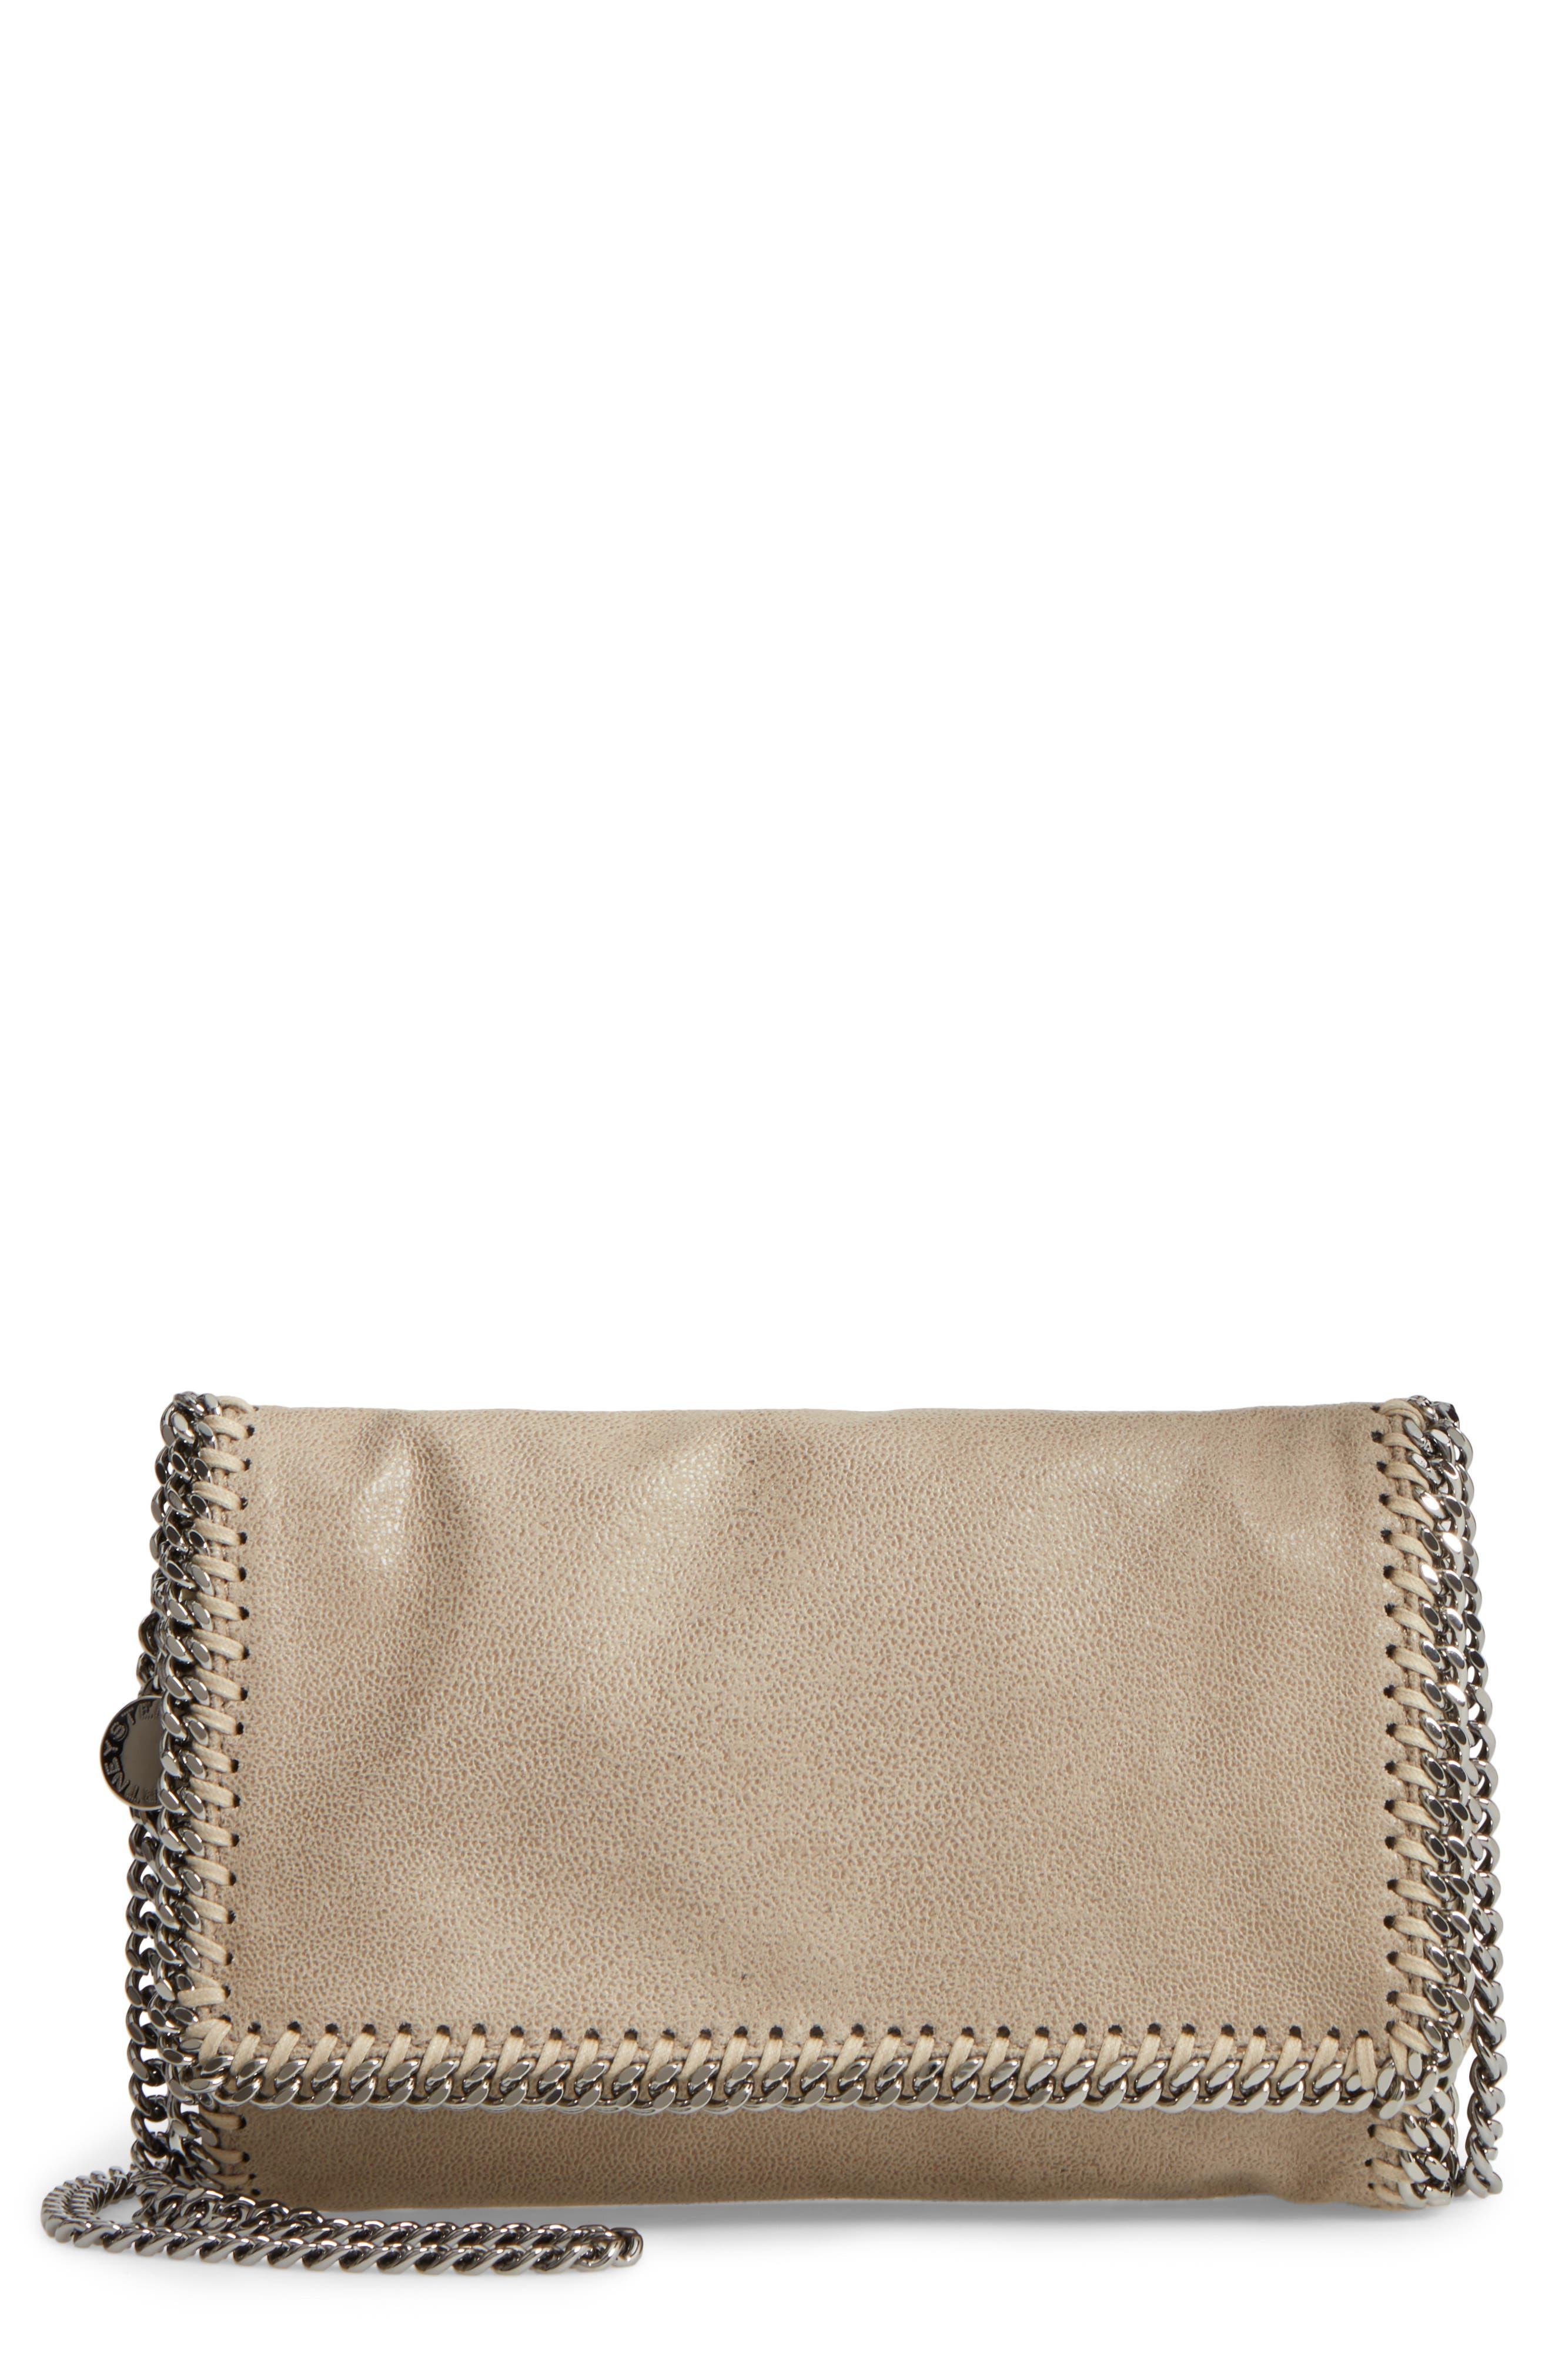 Stella McCartney 'Falabella - Shaggy Deer' Faux Leather Crossbody Bag